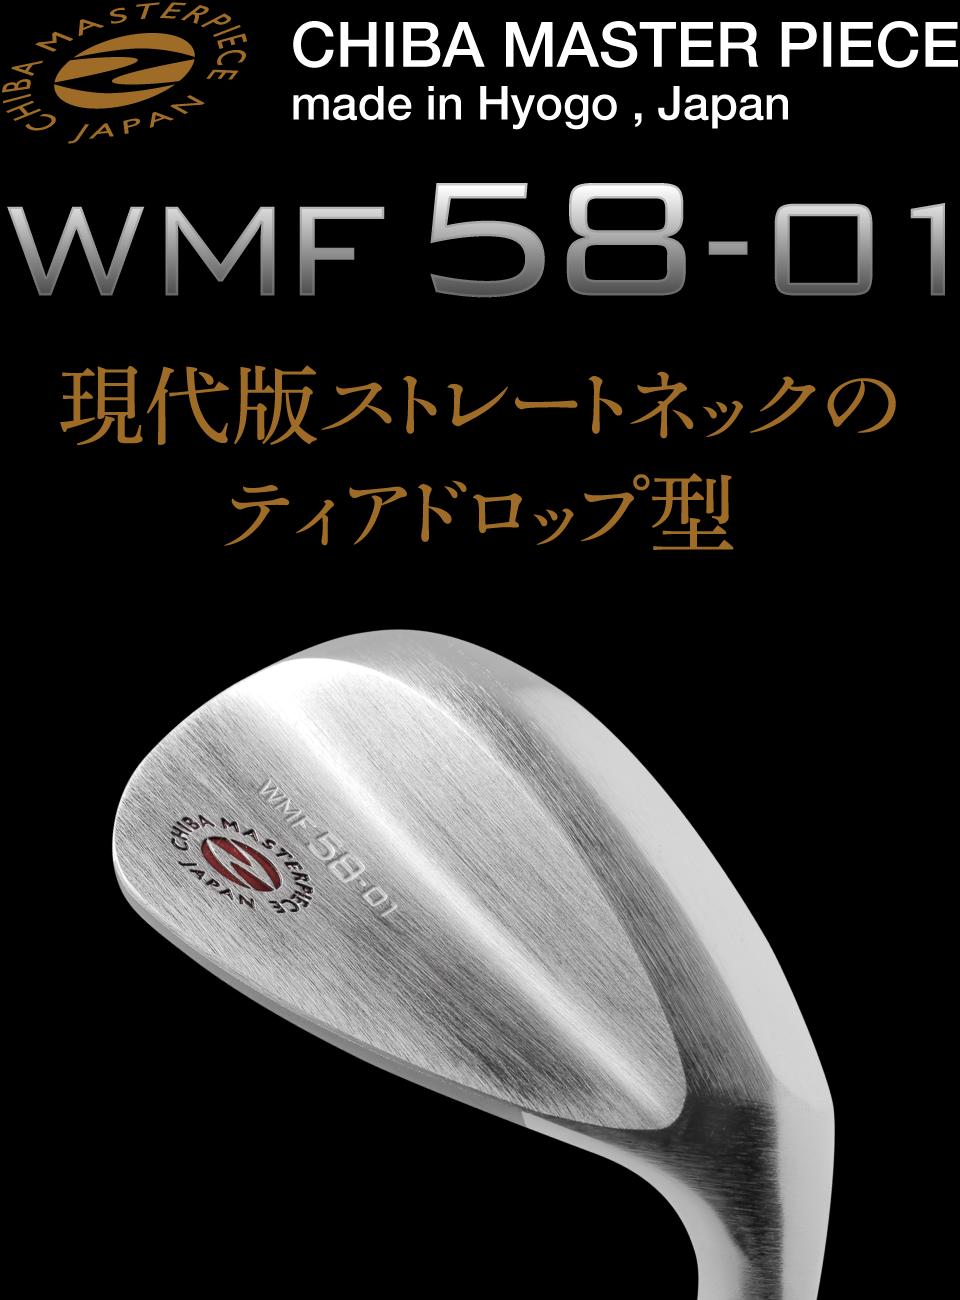 現代版ストレートネックのティアドロップ型 WMF58-01